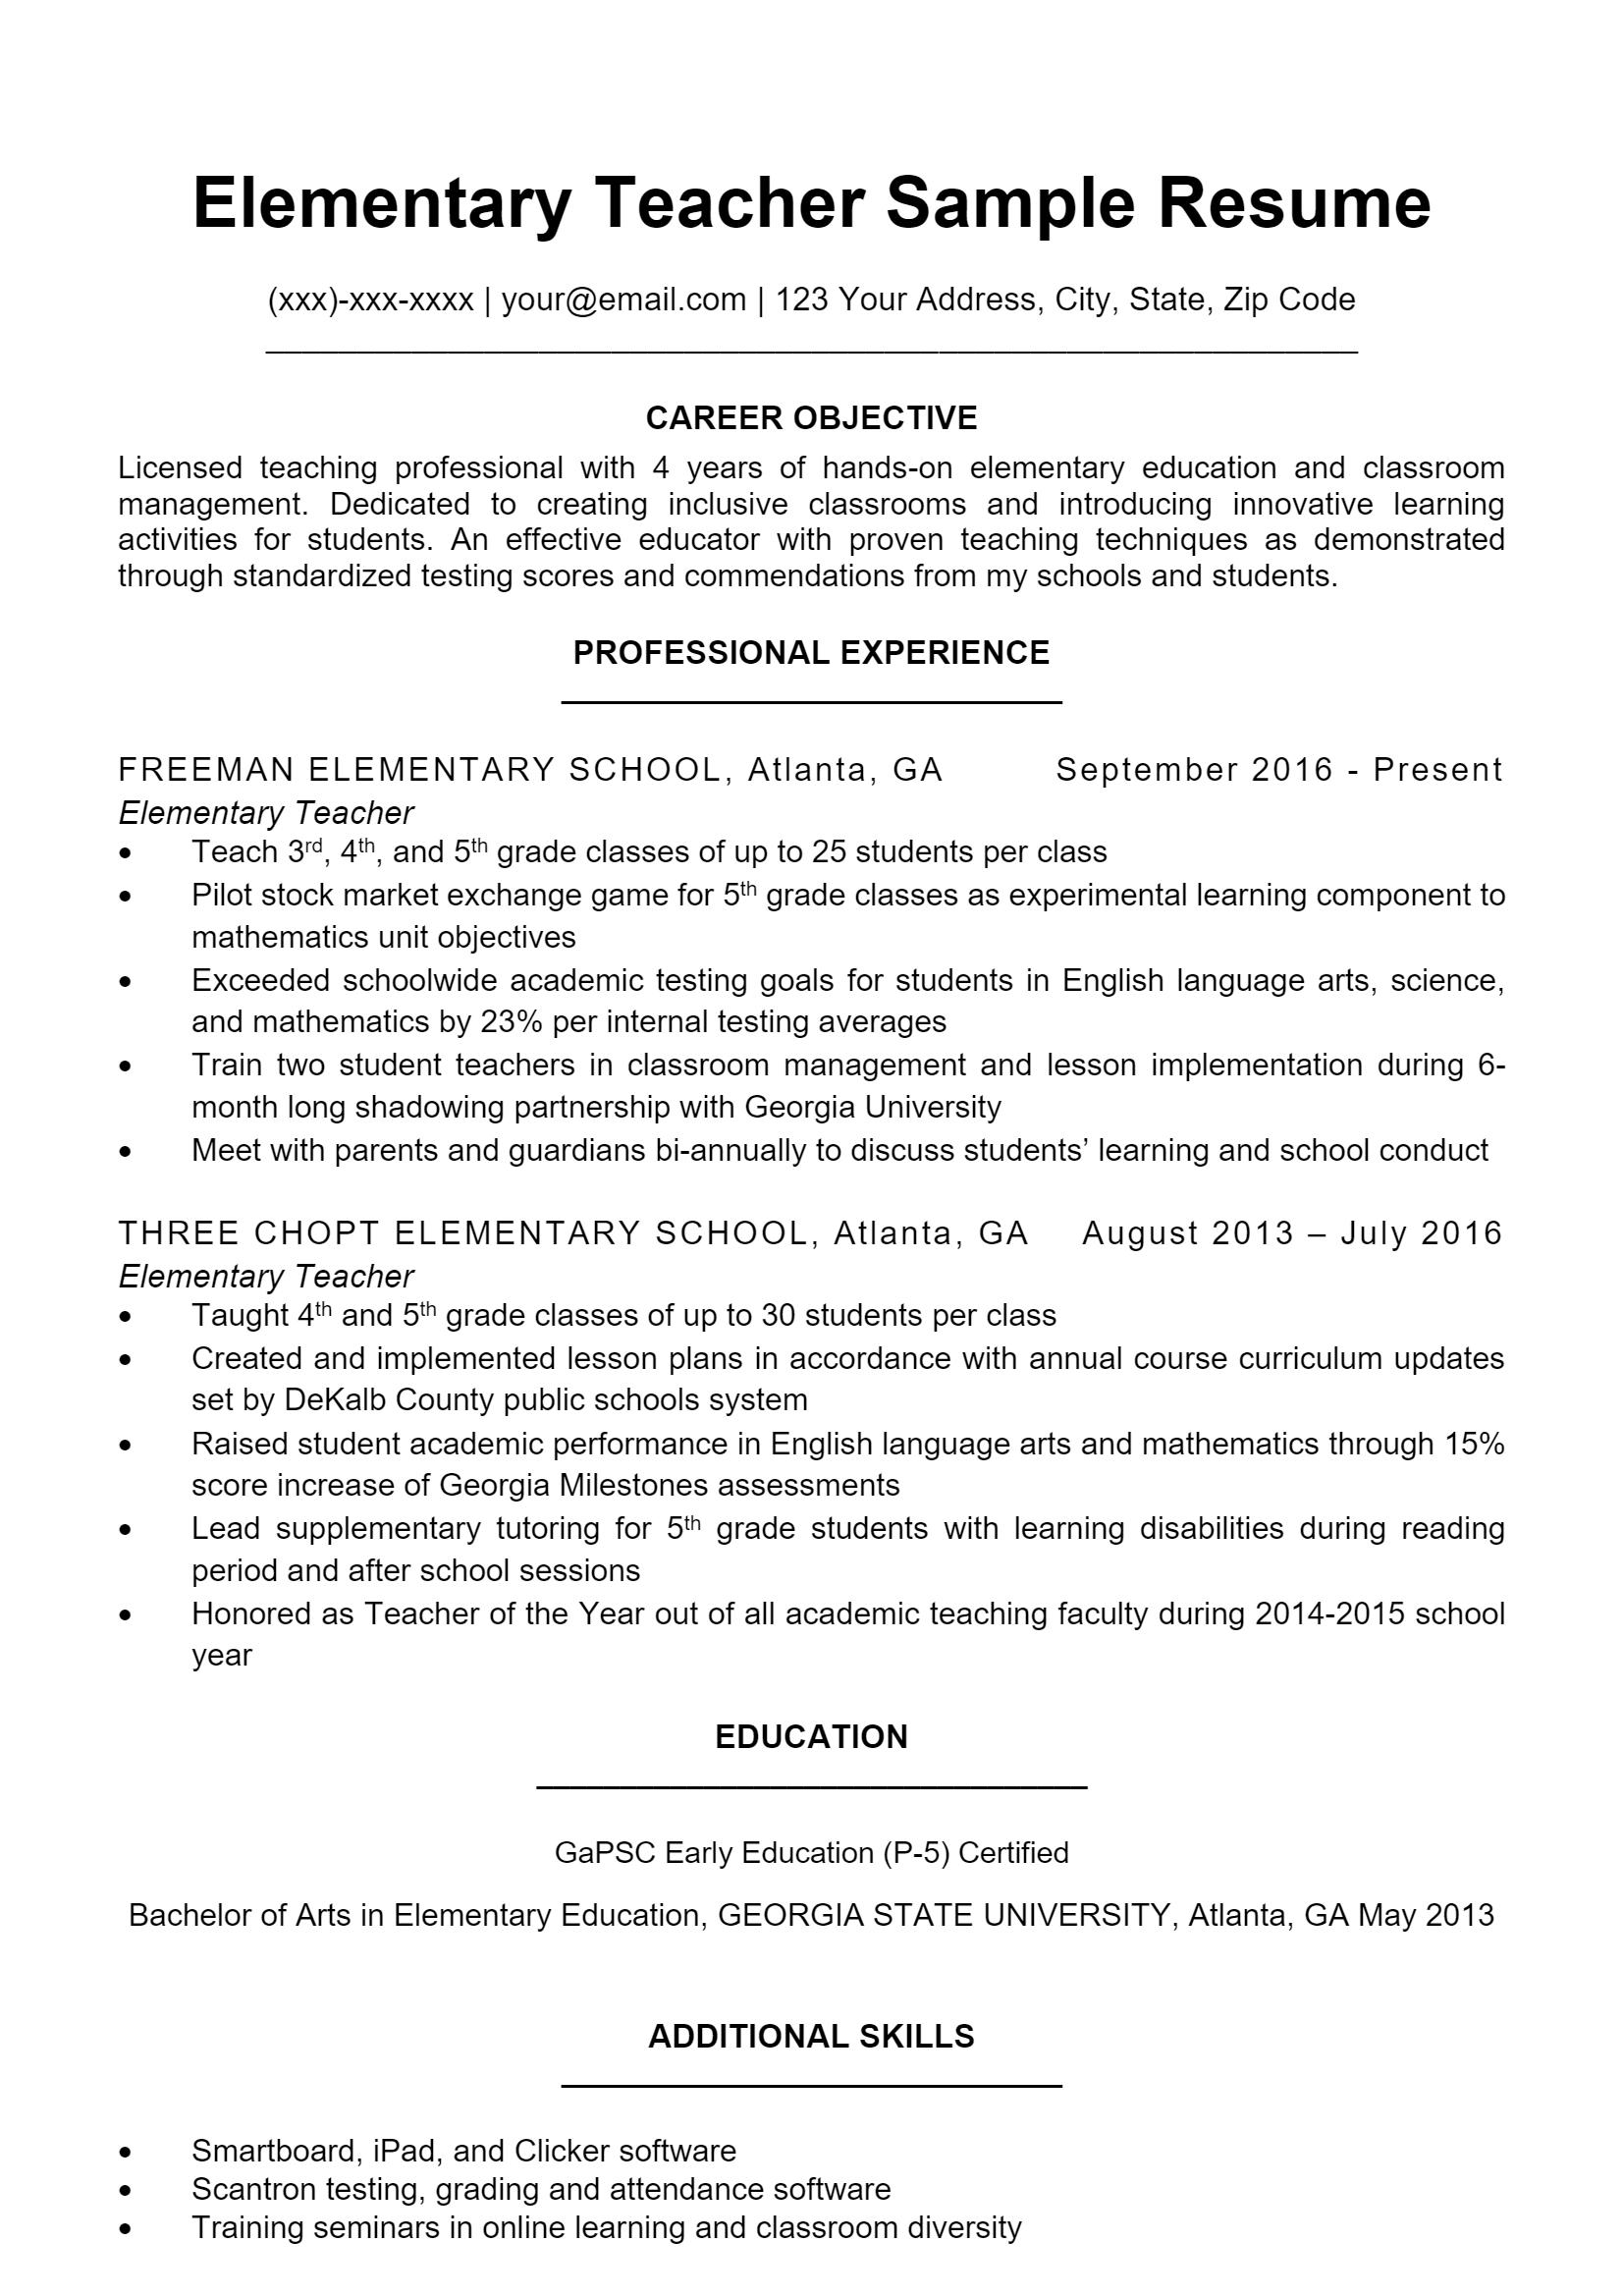 Elementary Teacher Resume > Elementary Teacher Resume .Docx (Word)